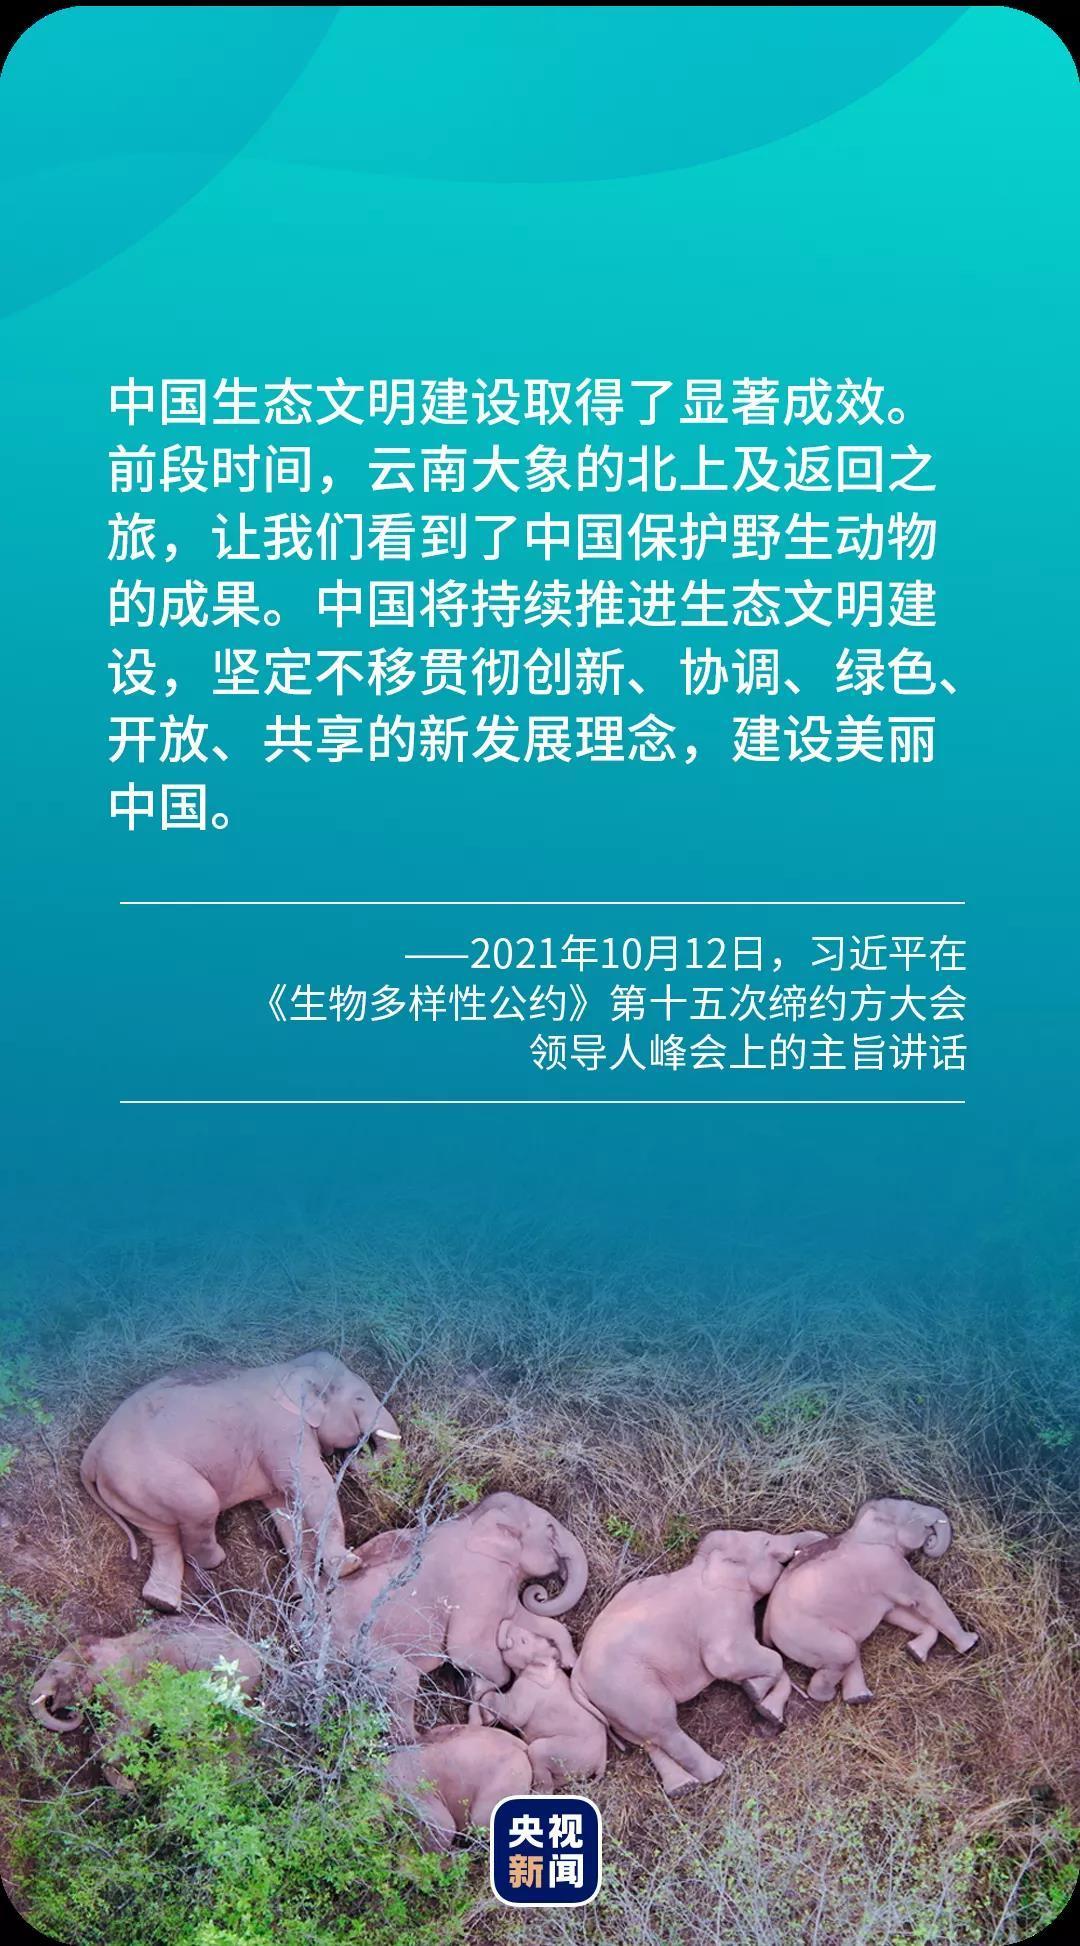 习语典读丨一句古语,读懂中国生态文明理念